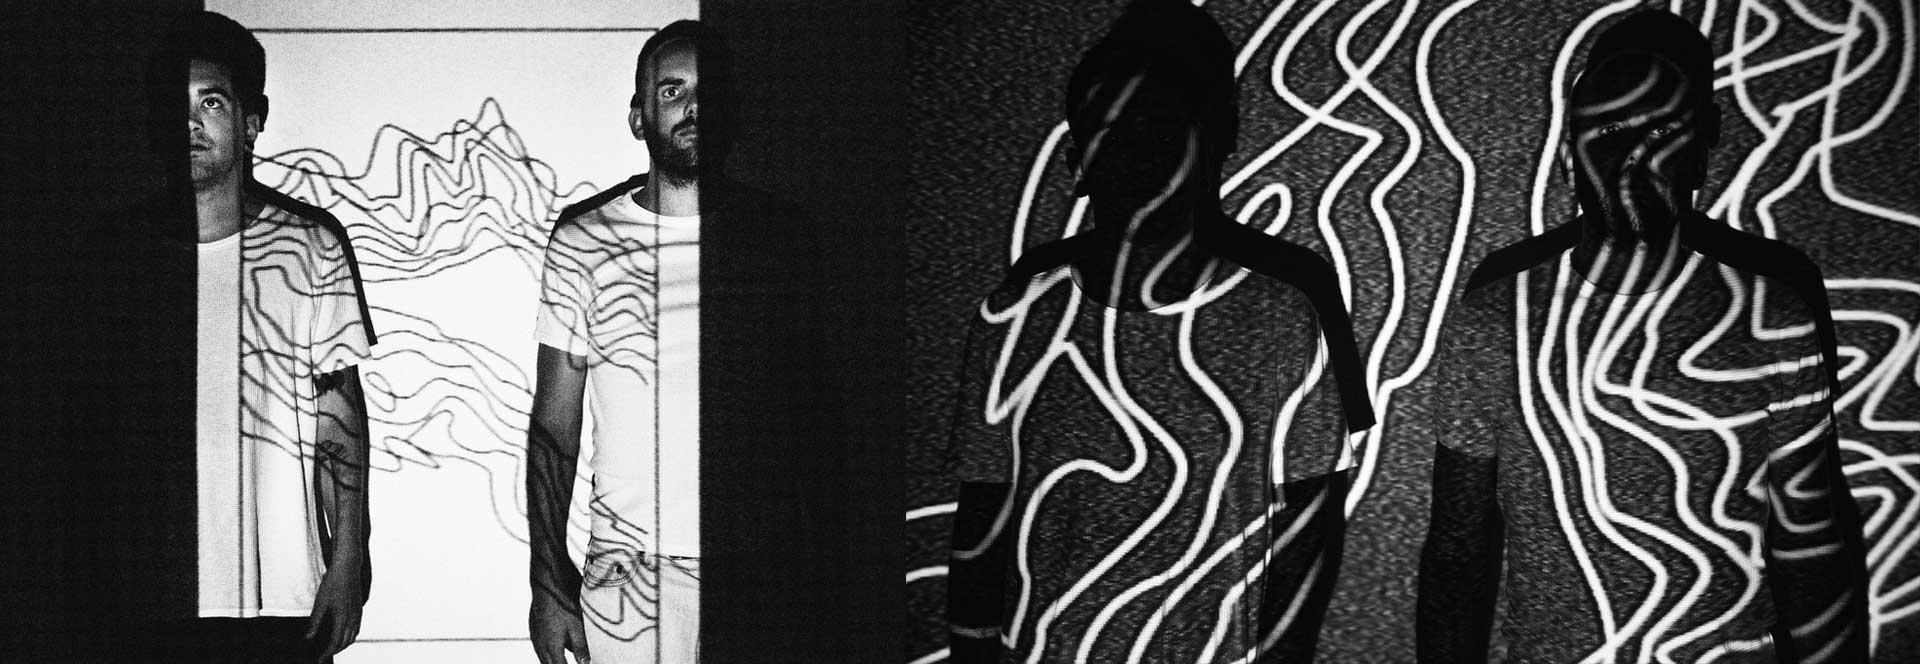 Concierto de Holograma. Insólito Festival 2016. Música & Barrio_ Marquis Urban